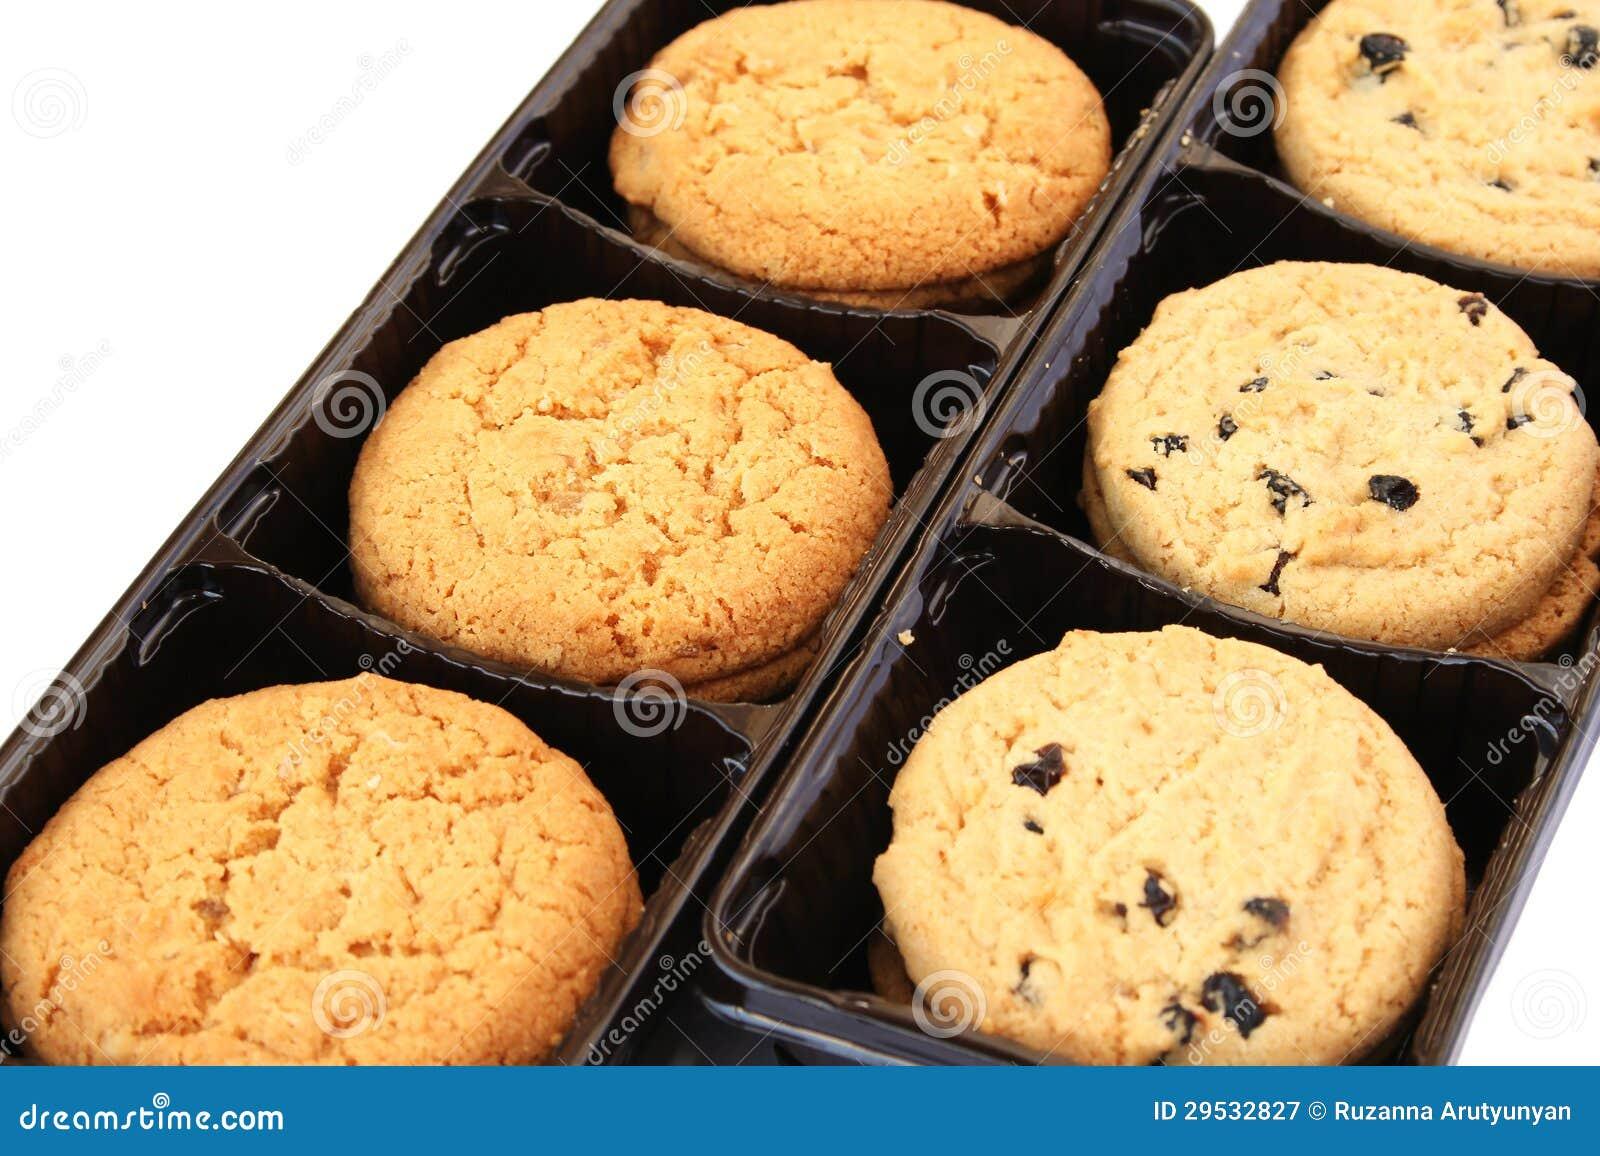 Biscoitos na caixa